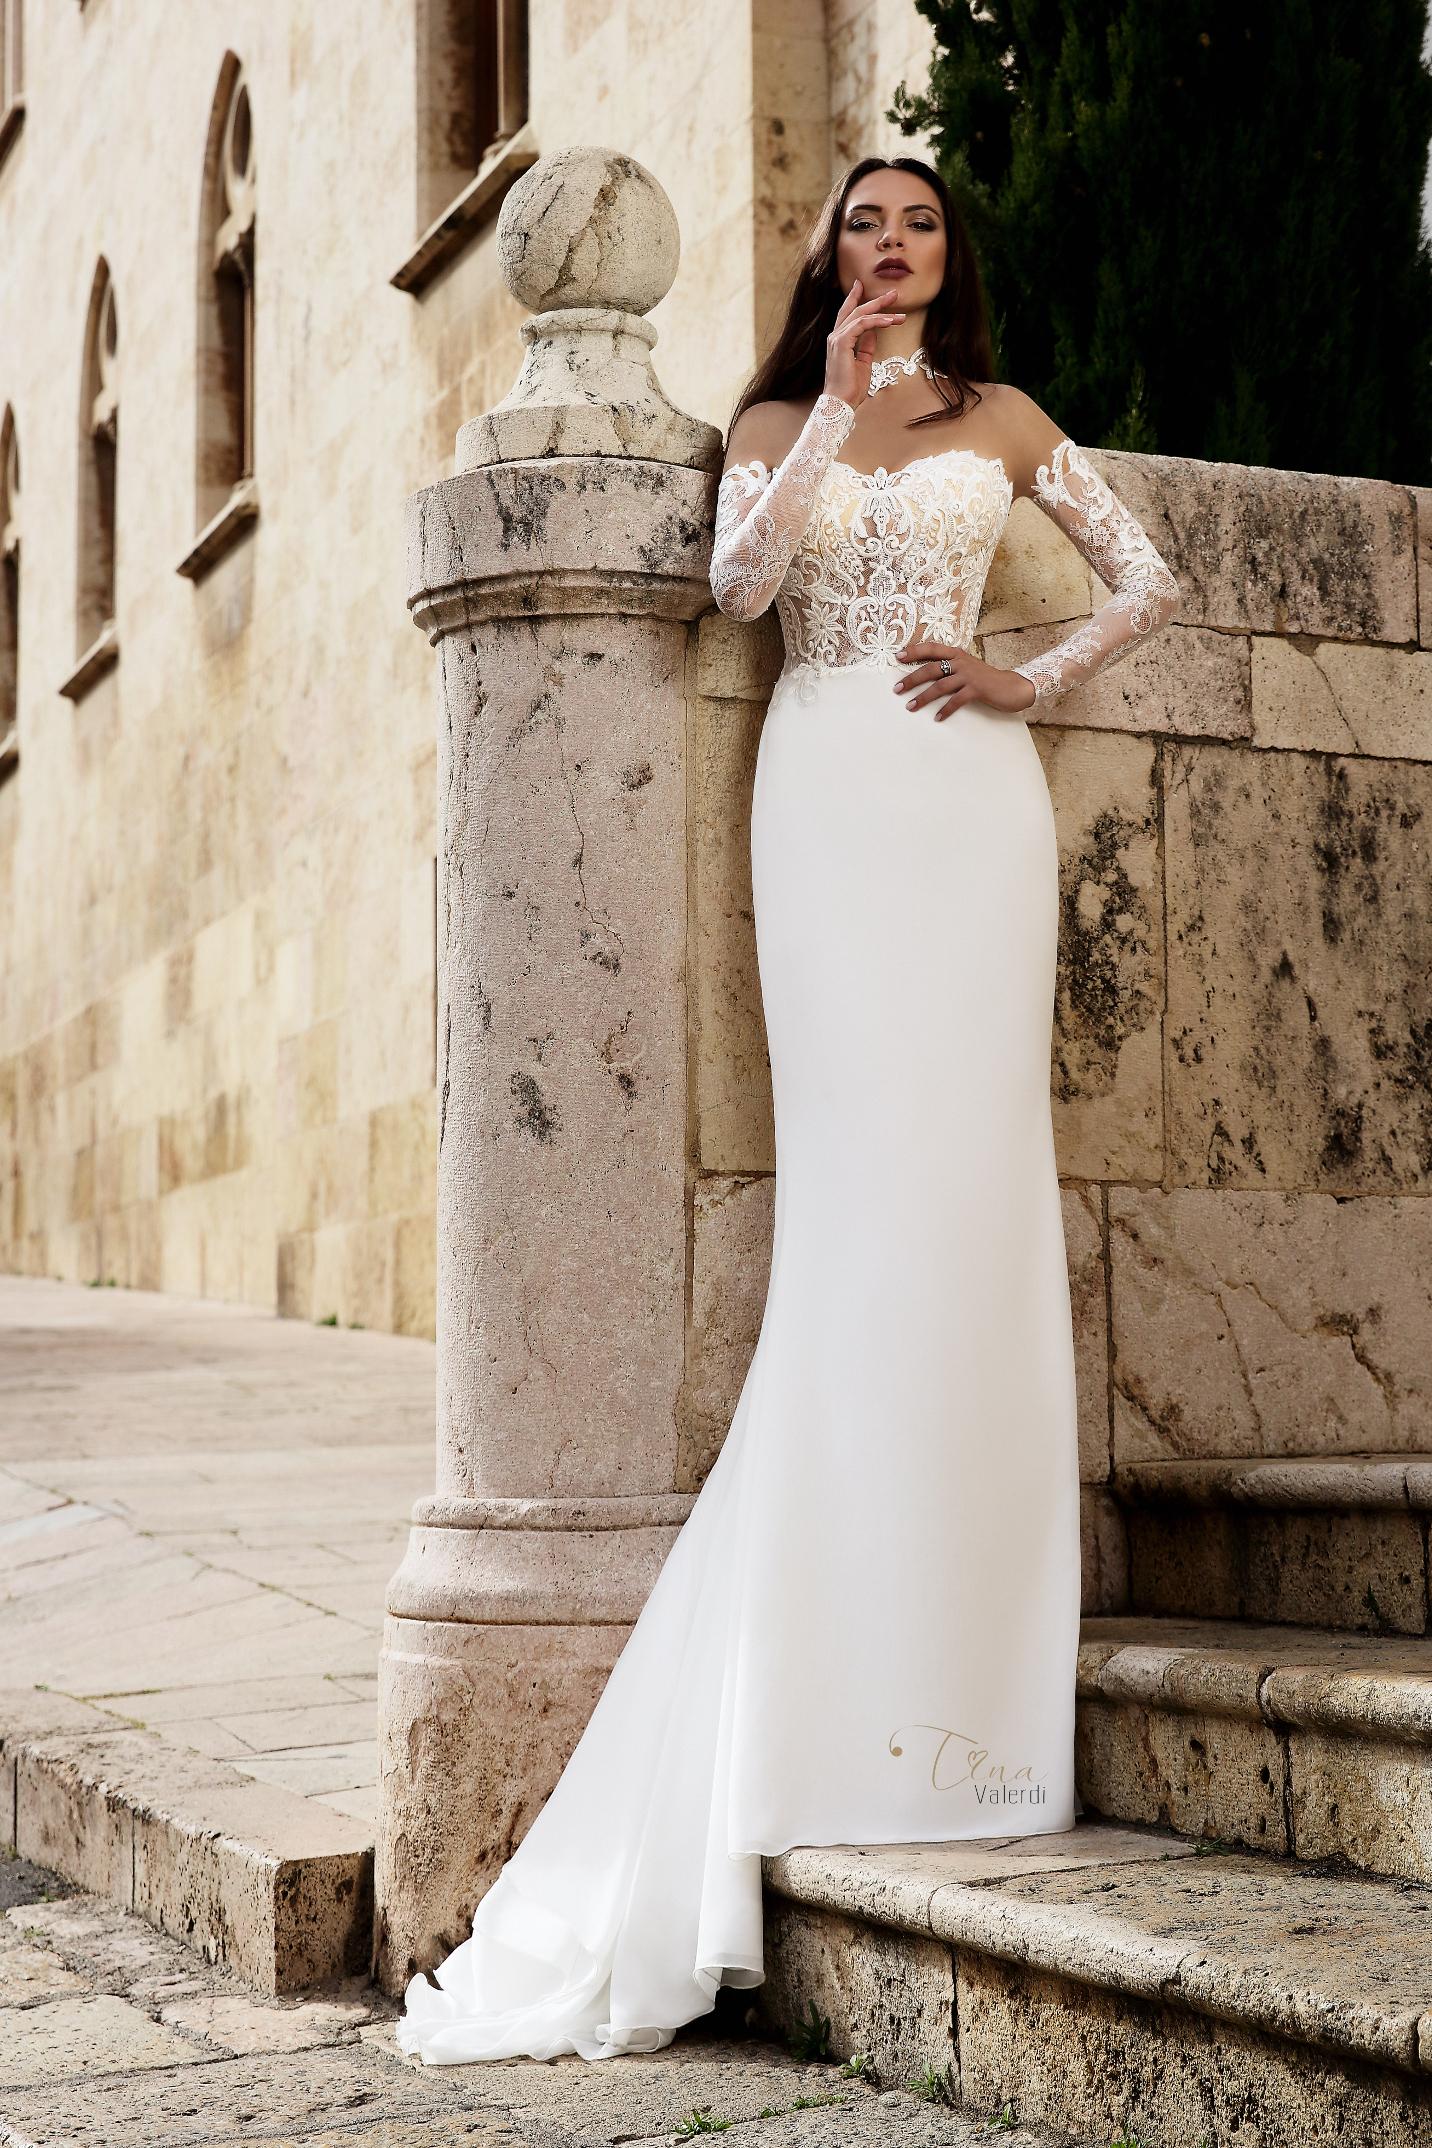 vestuvines sukneles tina valerdi Virginia2